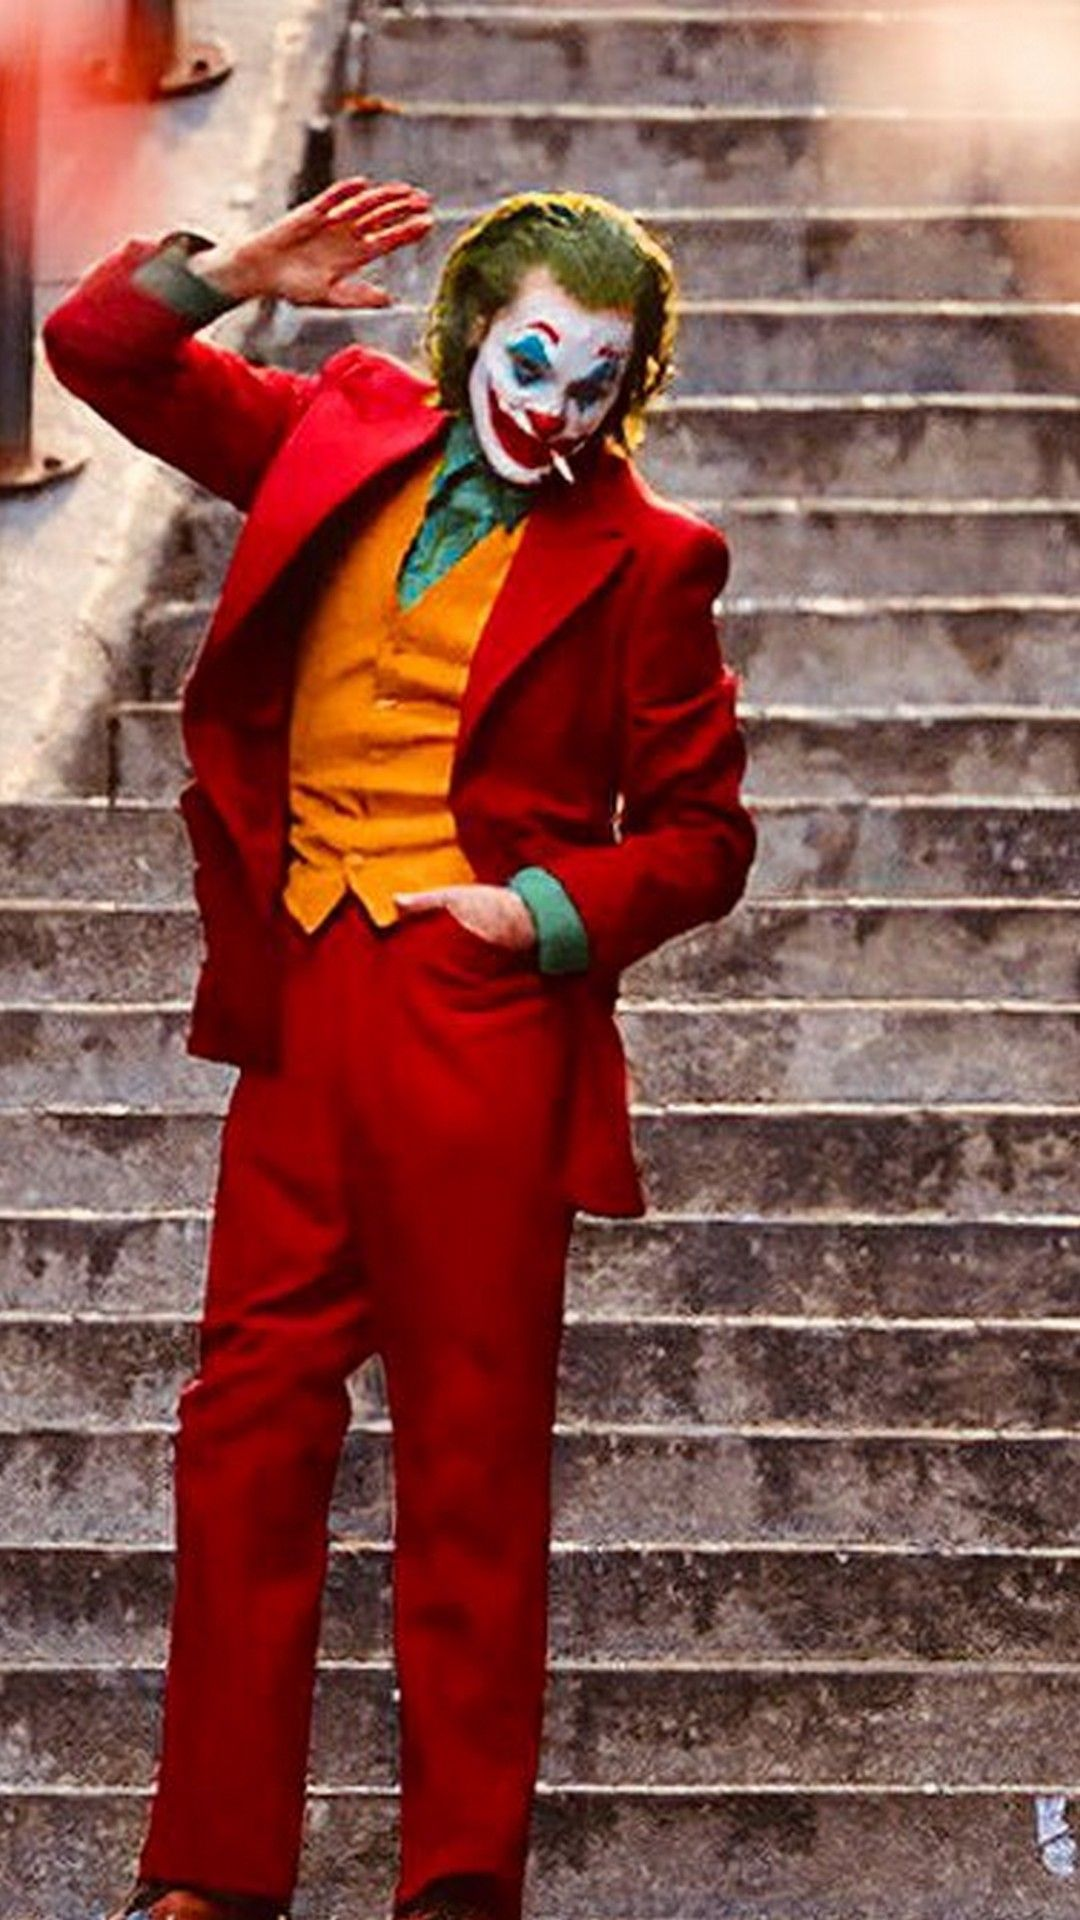 Joker 2019 iPhone Wallpapers - Top Free Joker 2019 iPhone ...